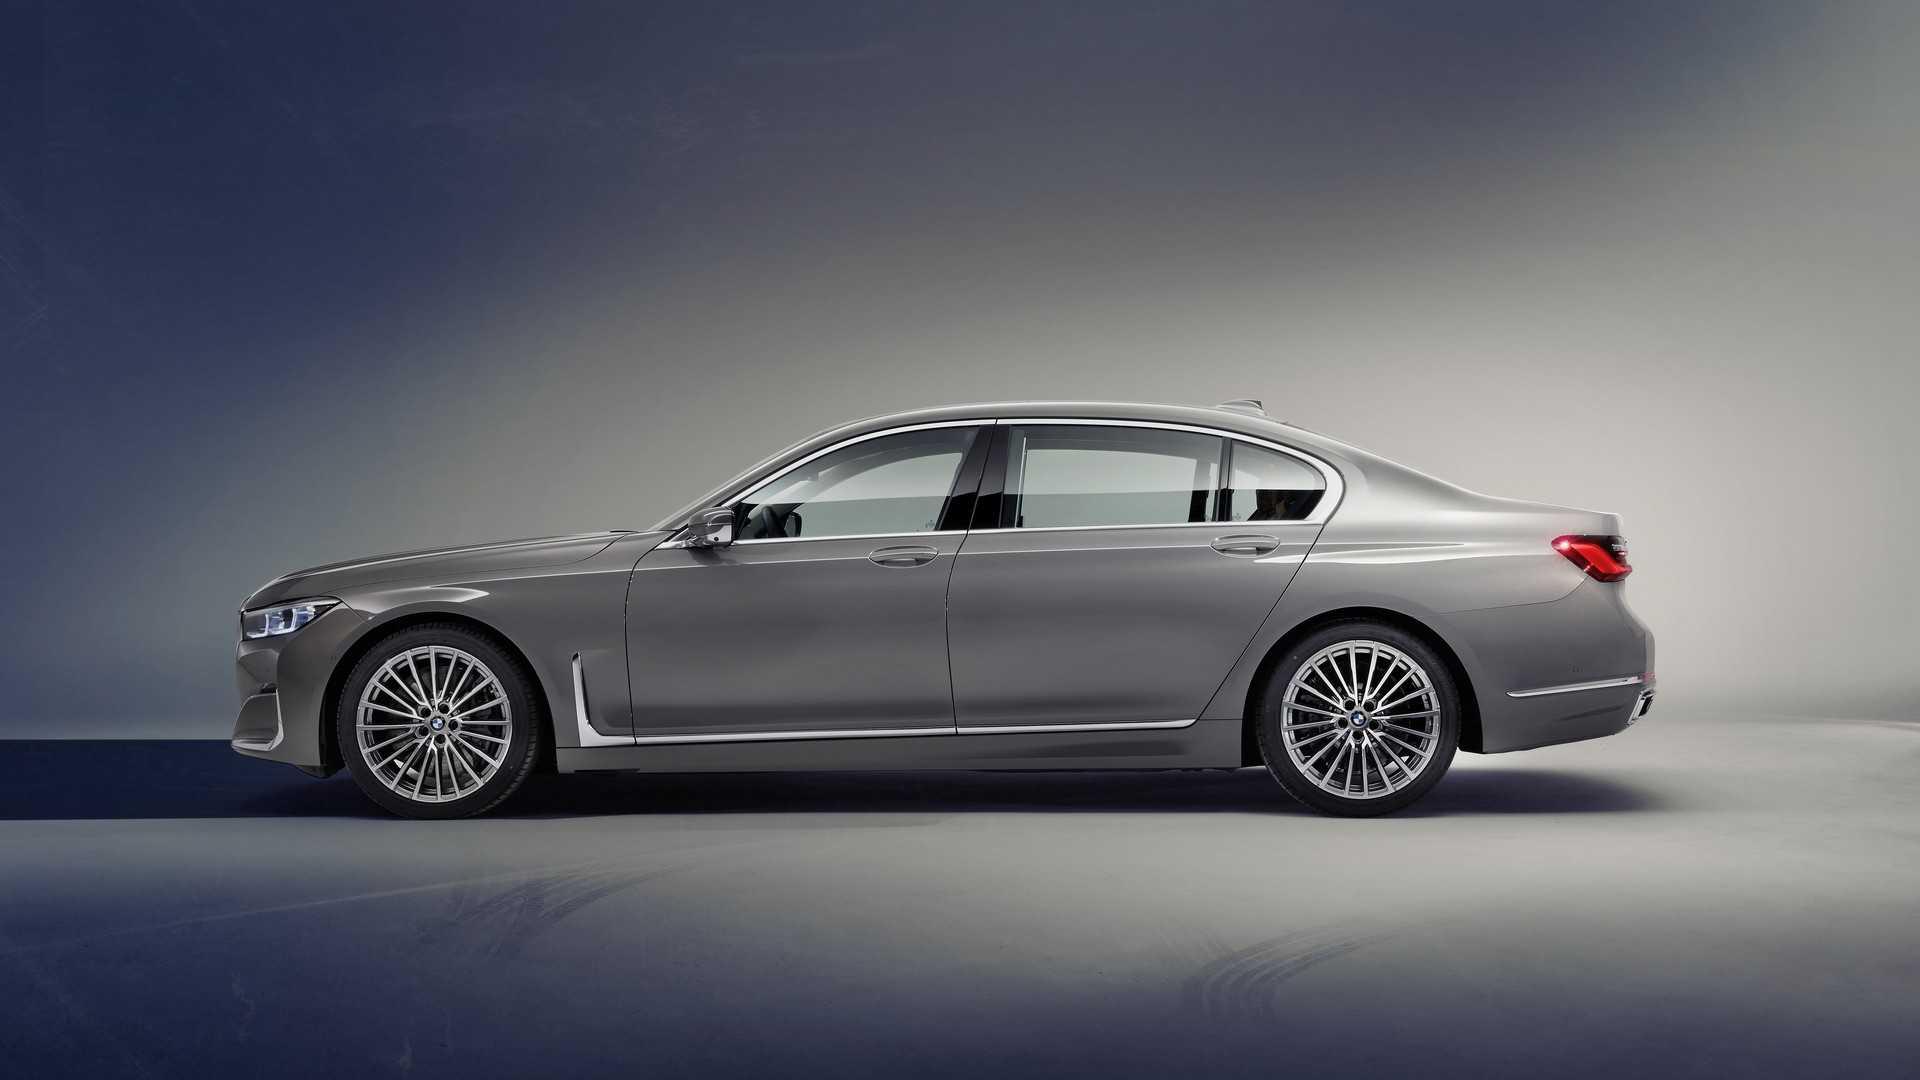 BMW 7 Series thế hệ mới sẽ có thêm bản chạy điện hoàn toàn - 19